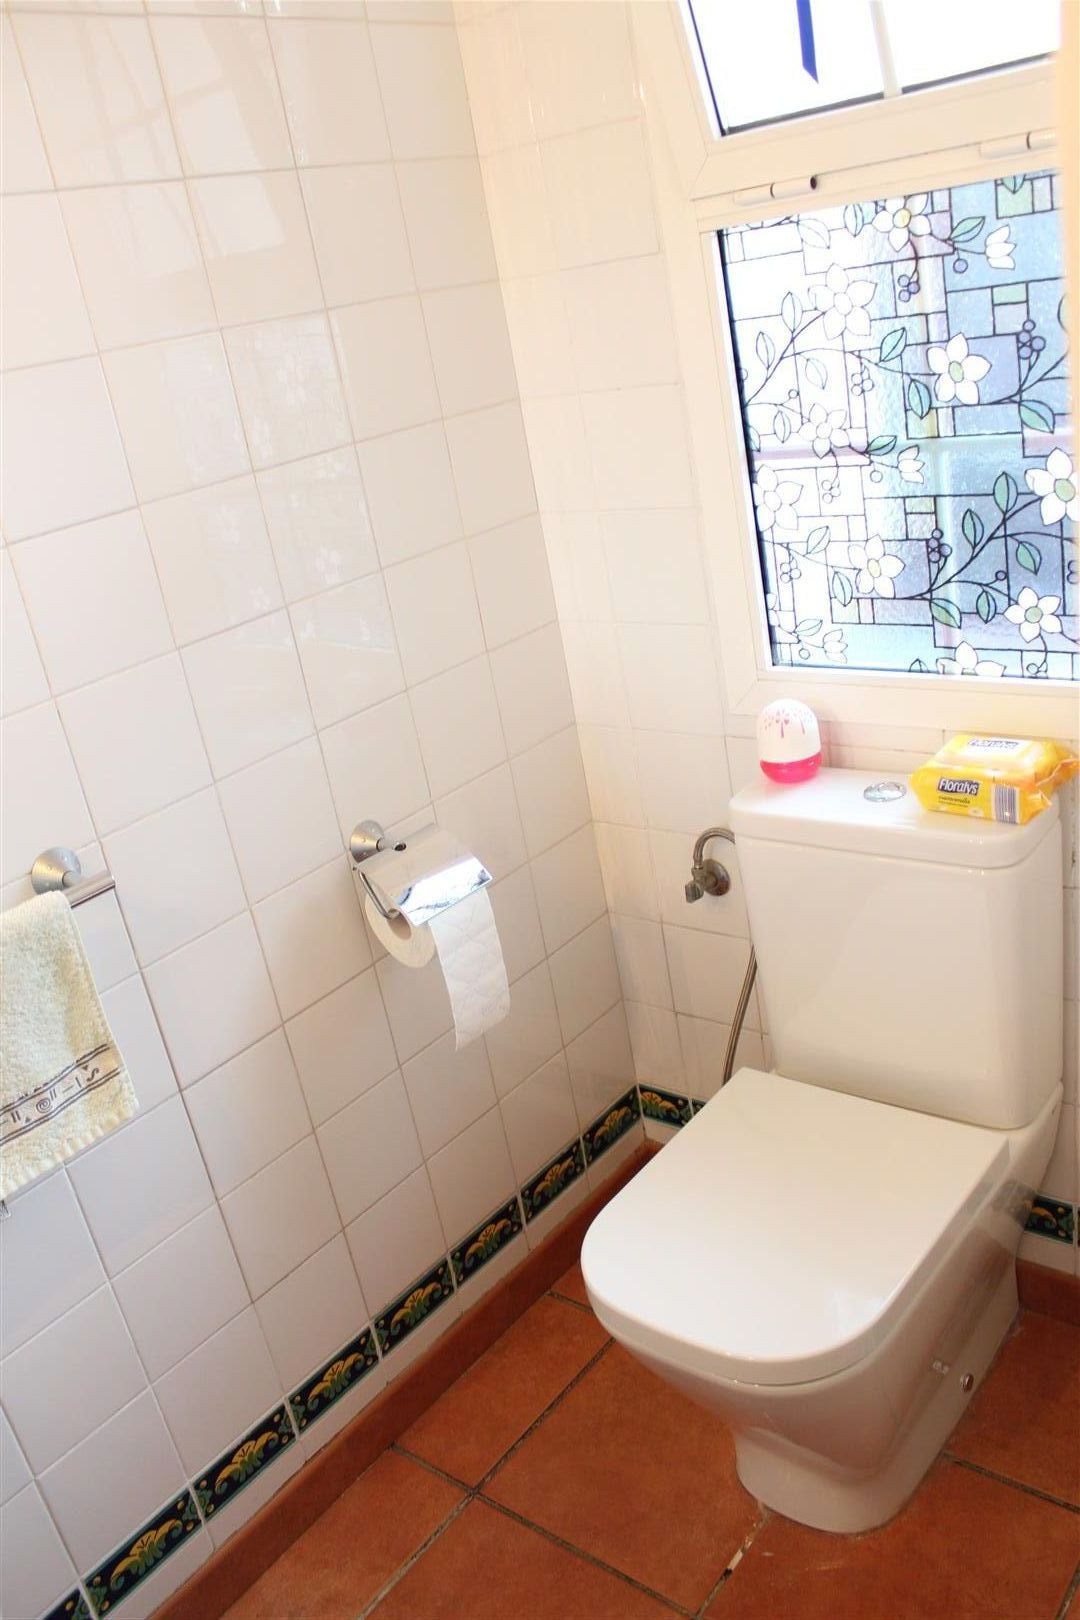 Unifamiliar con 3 Dormitorios en Venta El Coto